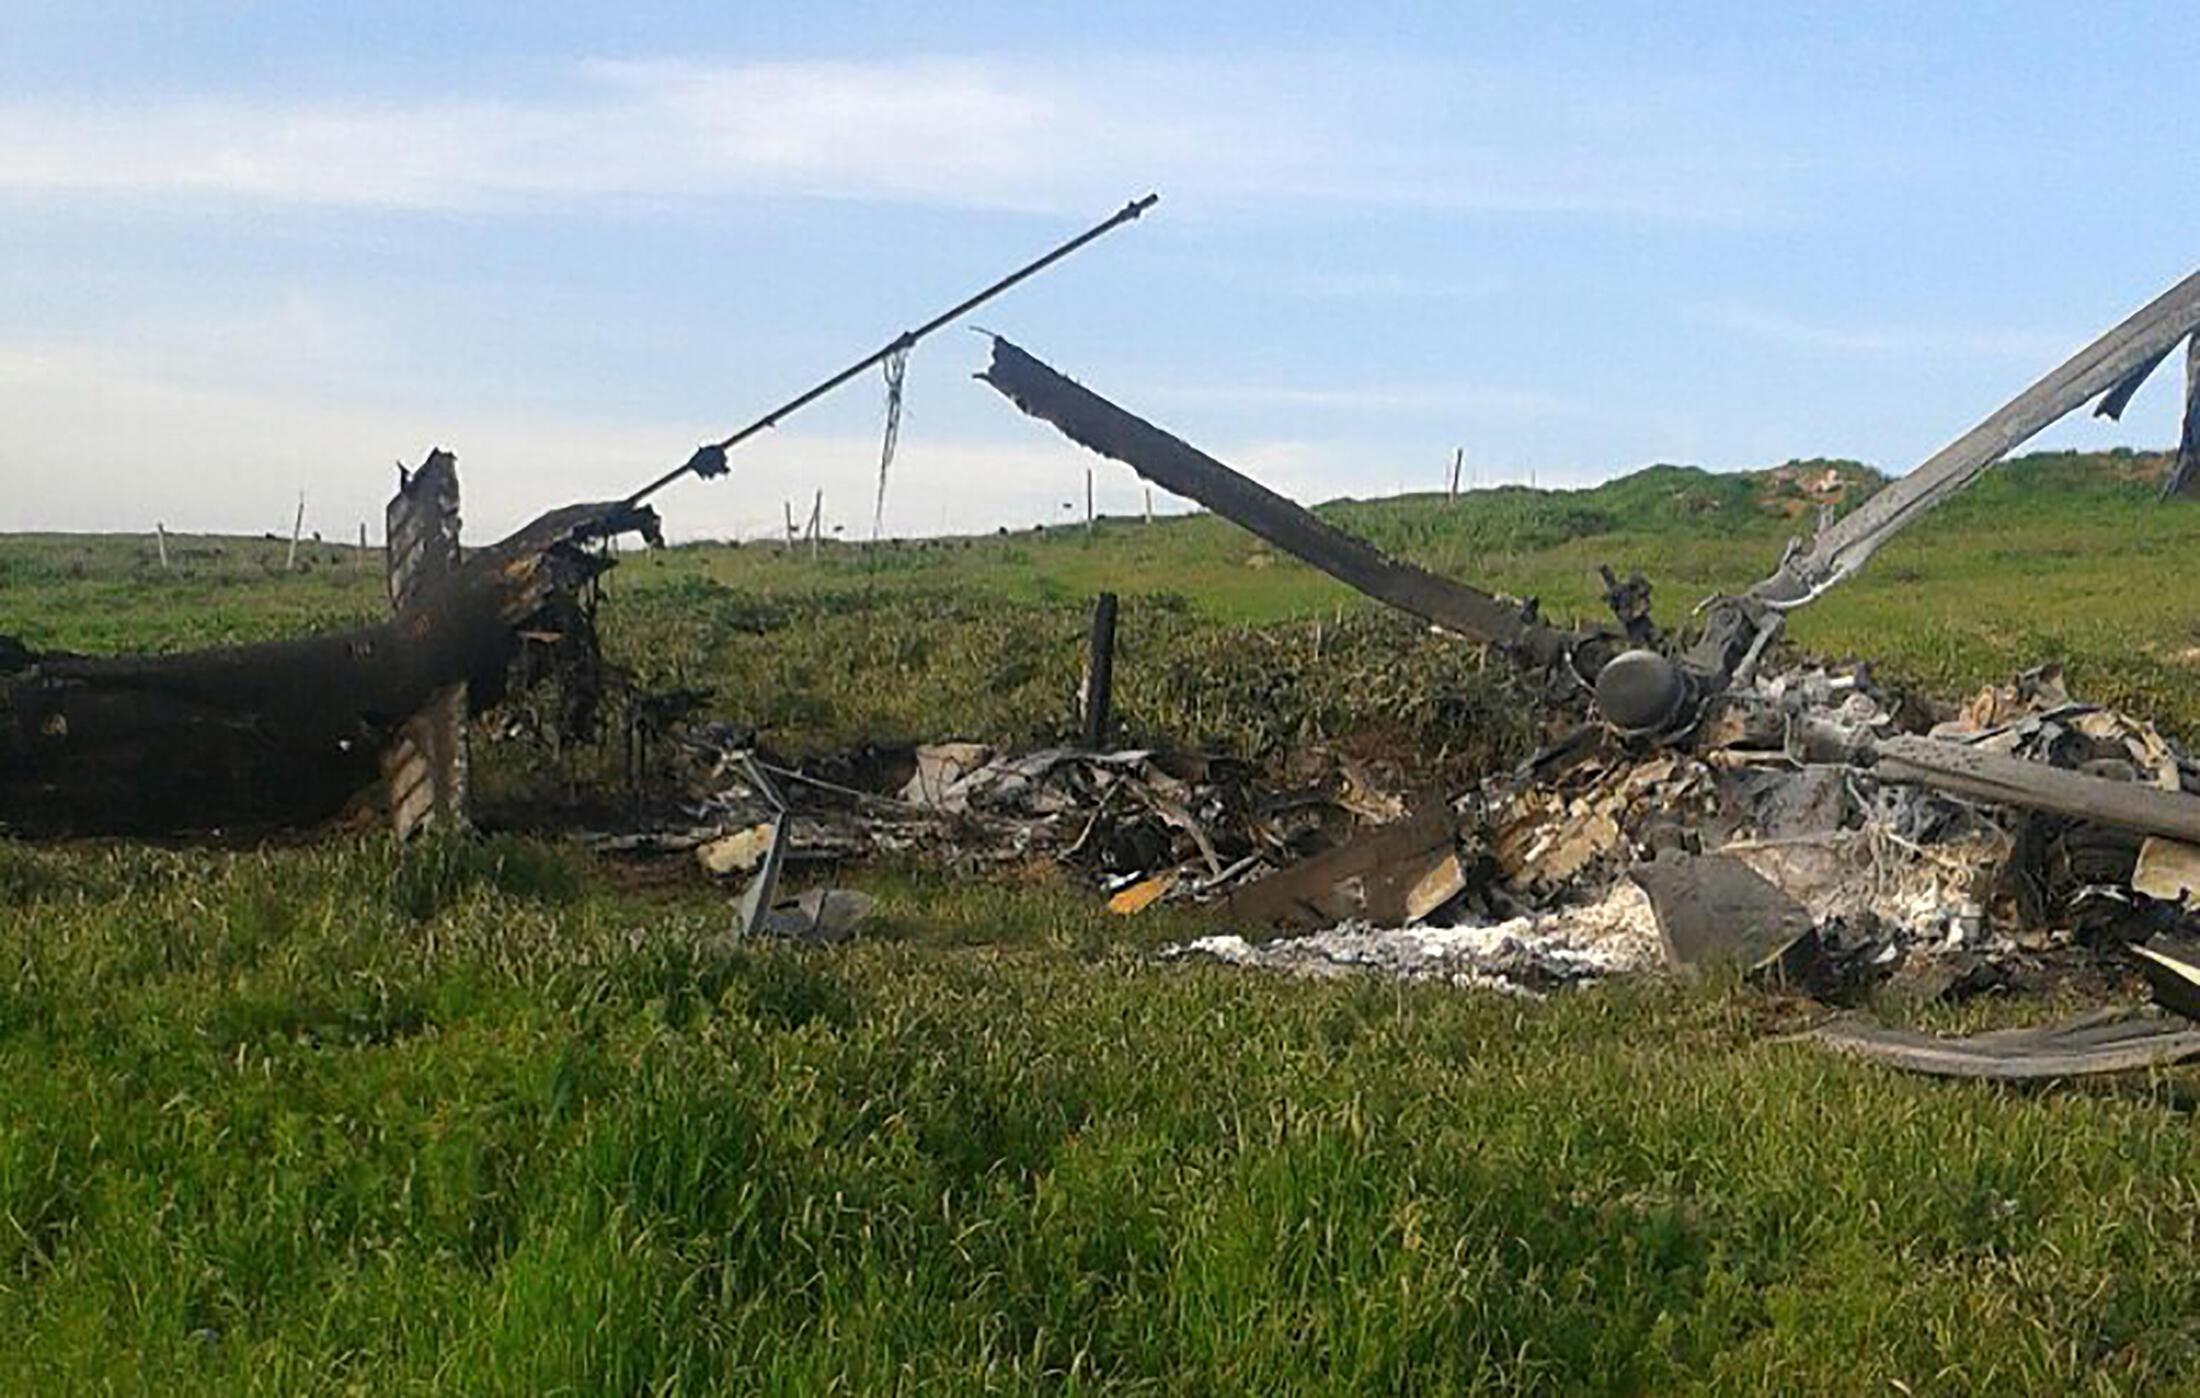 Một chiếc Mi-24 của không quân Azerbaizan bị bắn rơi, được lực lượng ly khai Thượng Karabakh chụp lại ngày 02/04/2016.